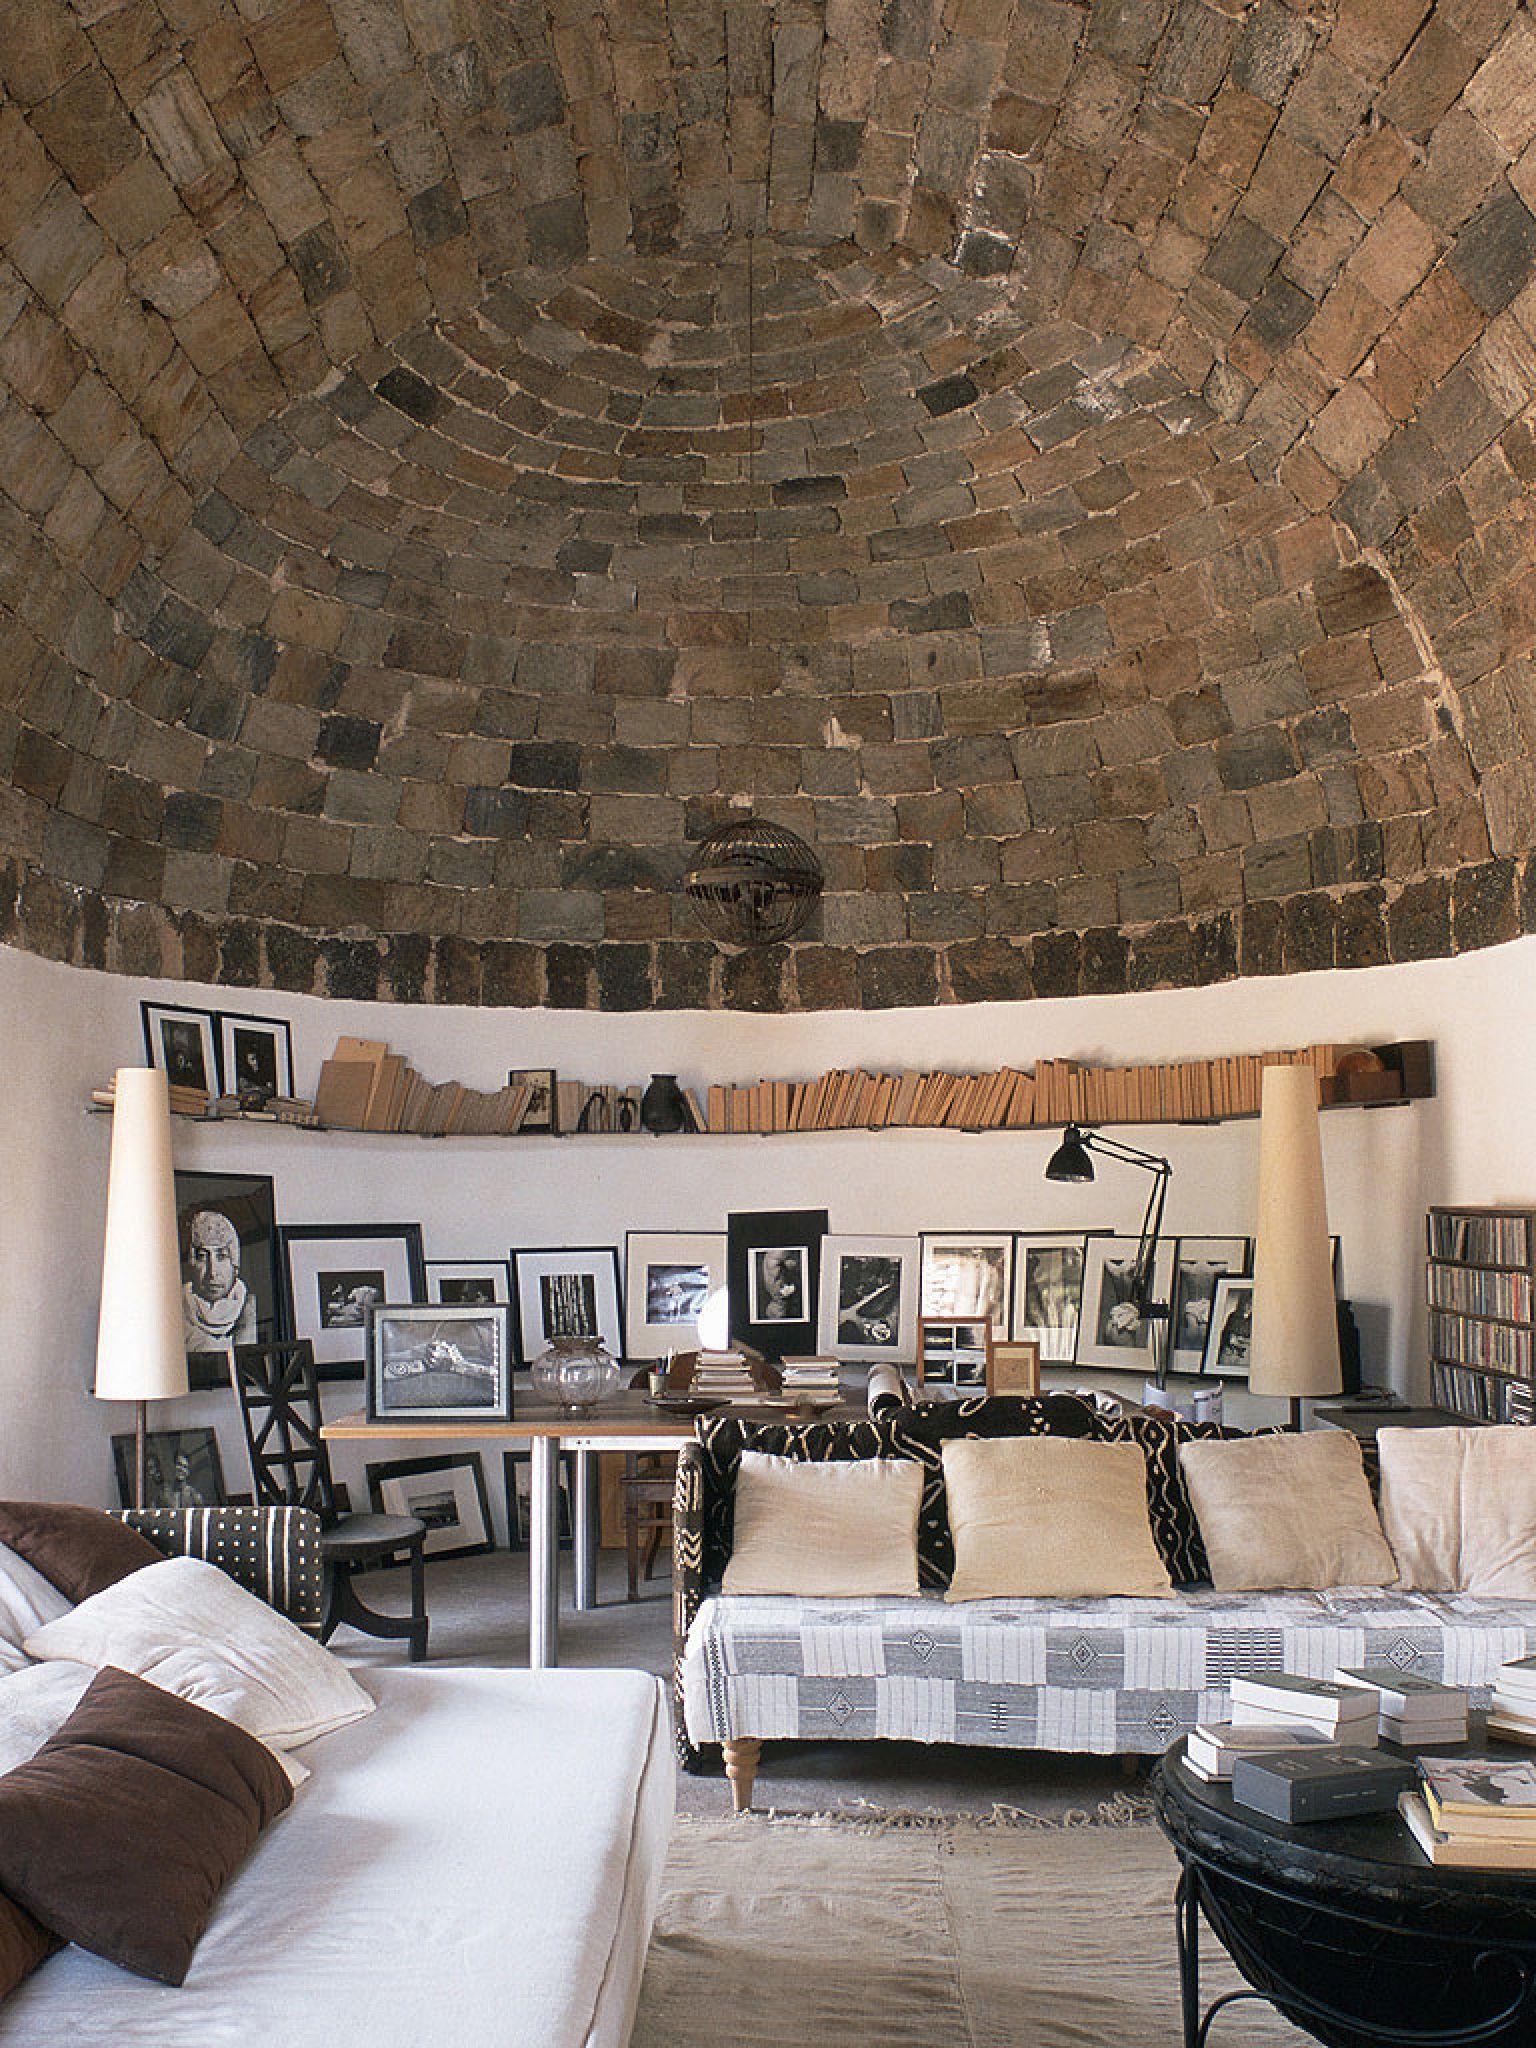 Industrial Pantelleria Italy Interior designhome decor